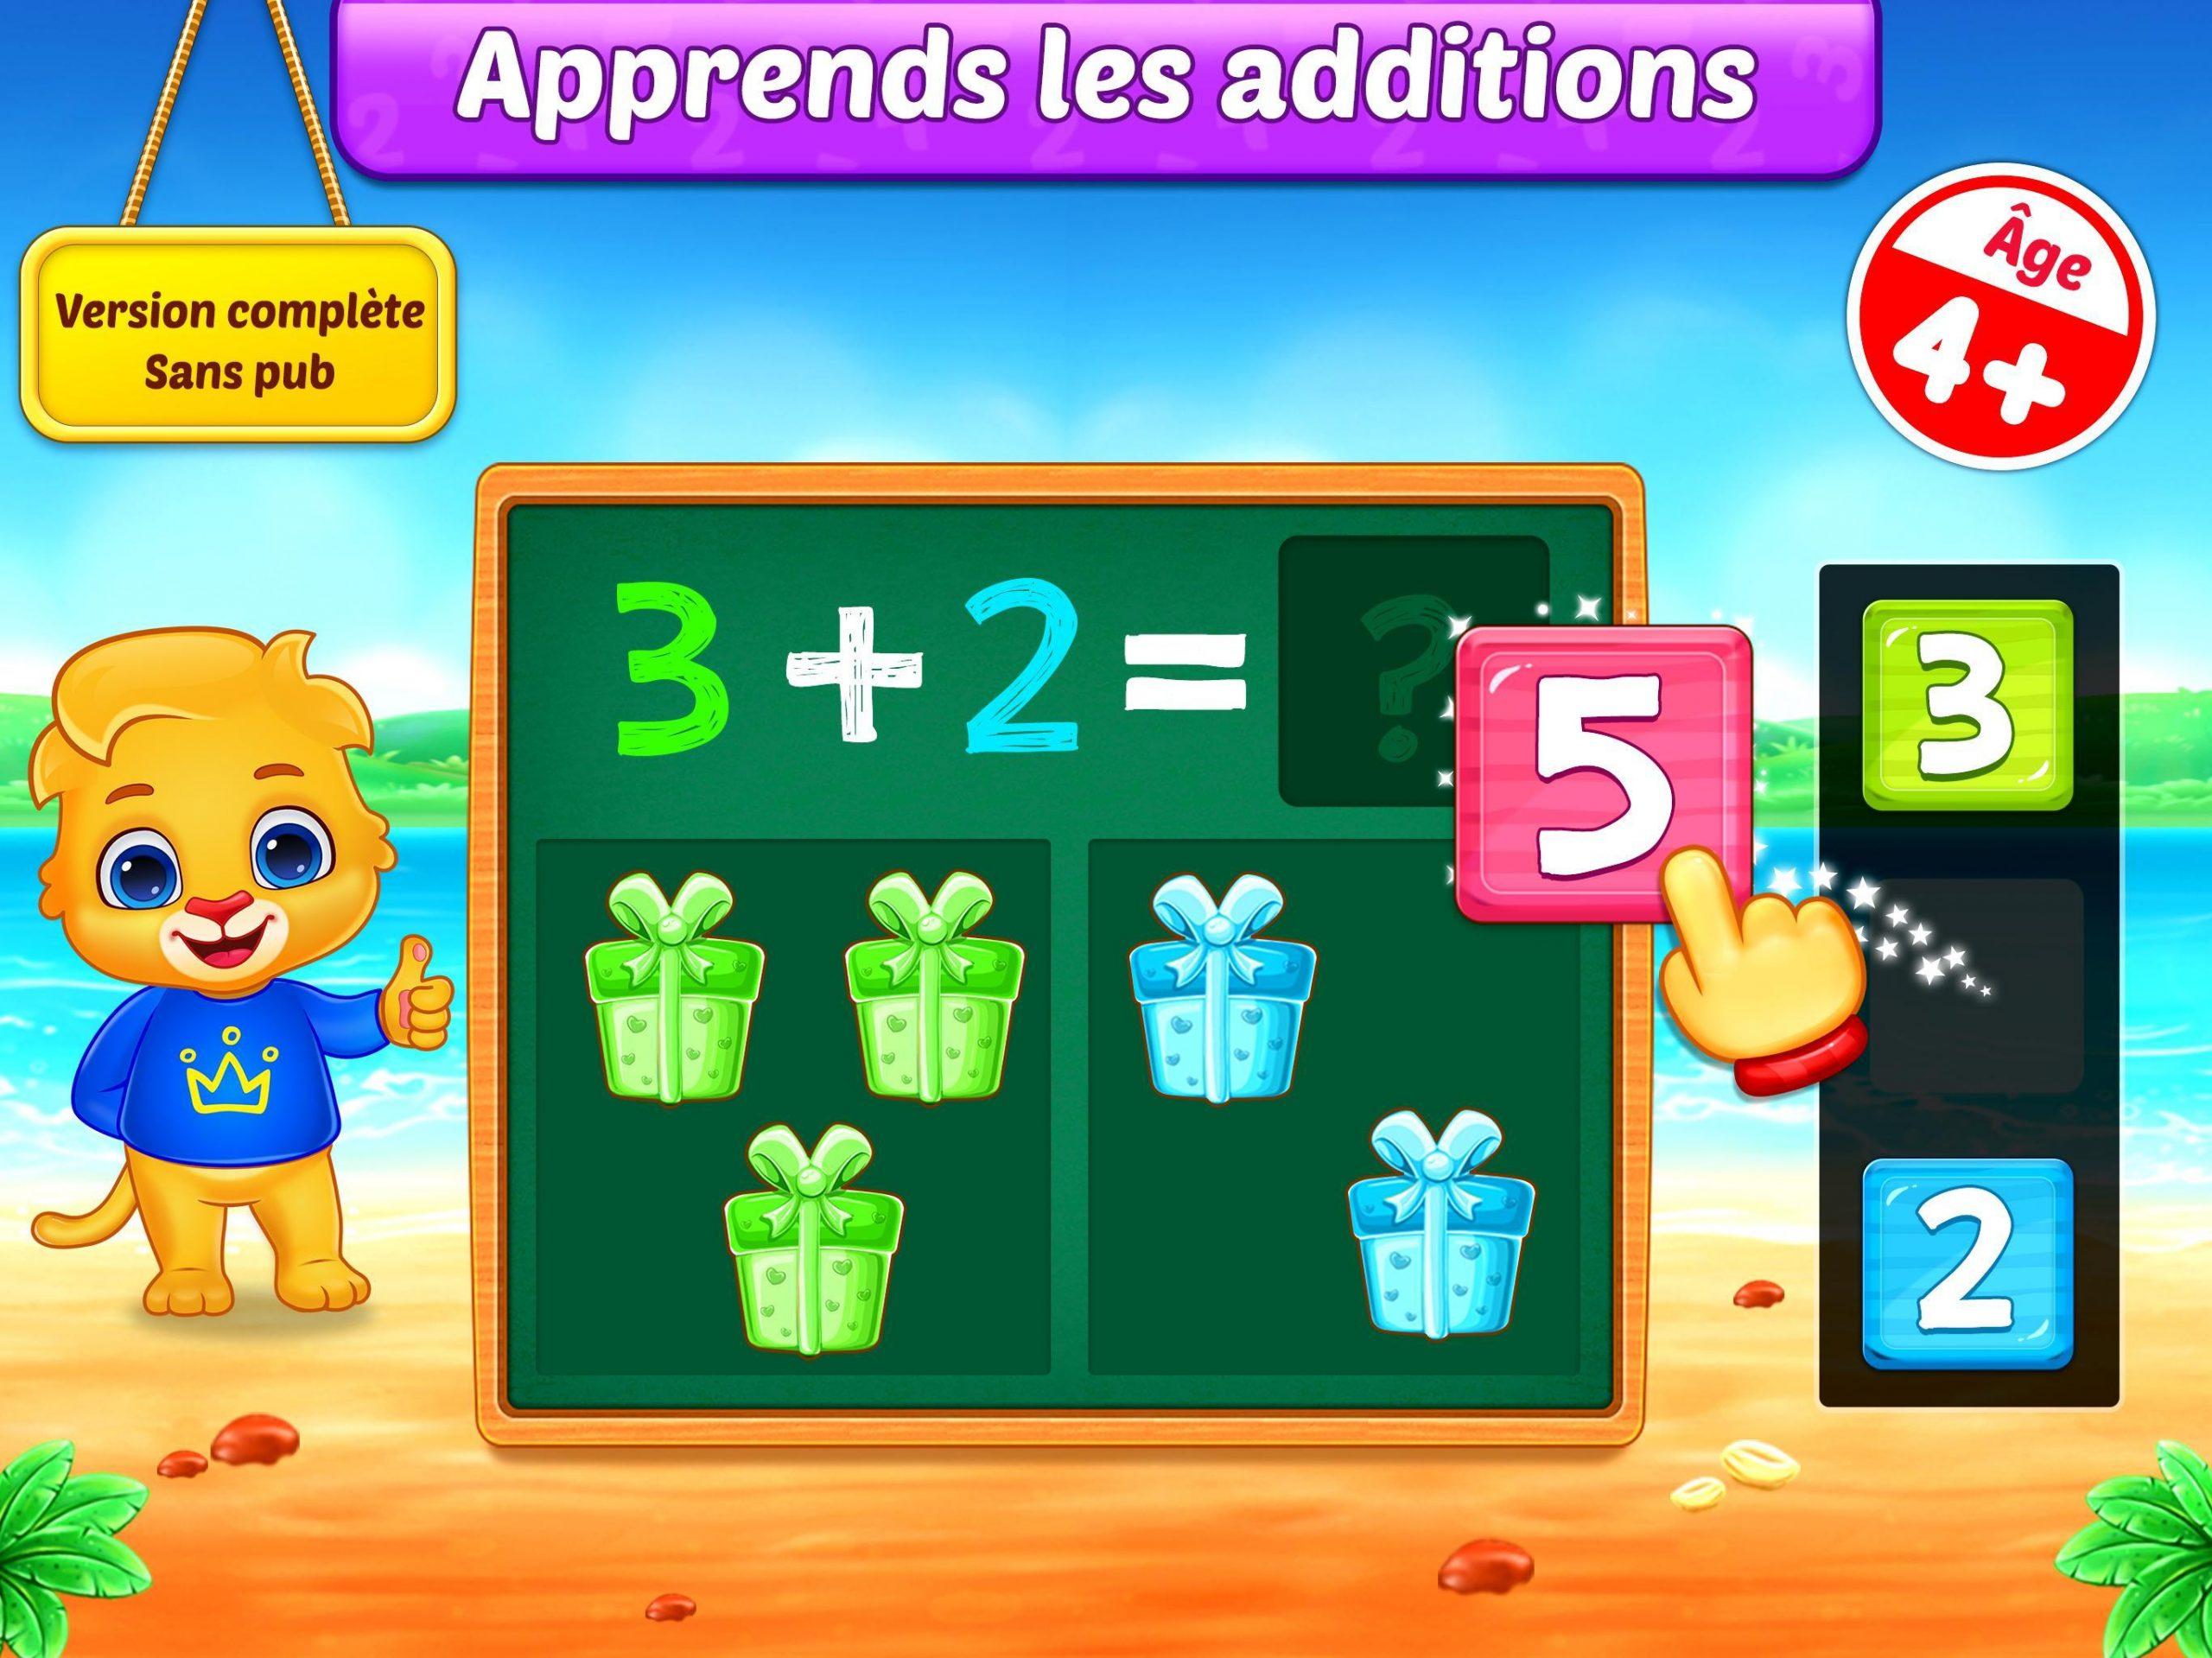 Jeux De Maths Enfants - Addition Et Soustraction Pour destiné Jeux De Maths Gratuit